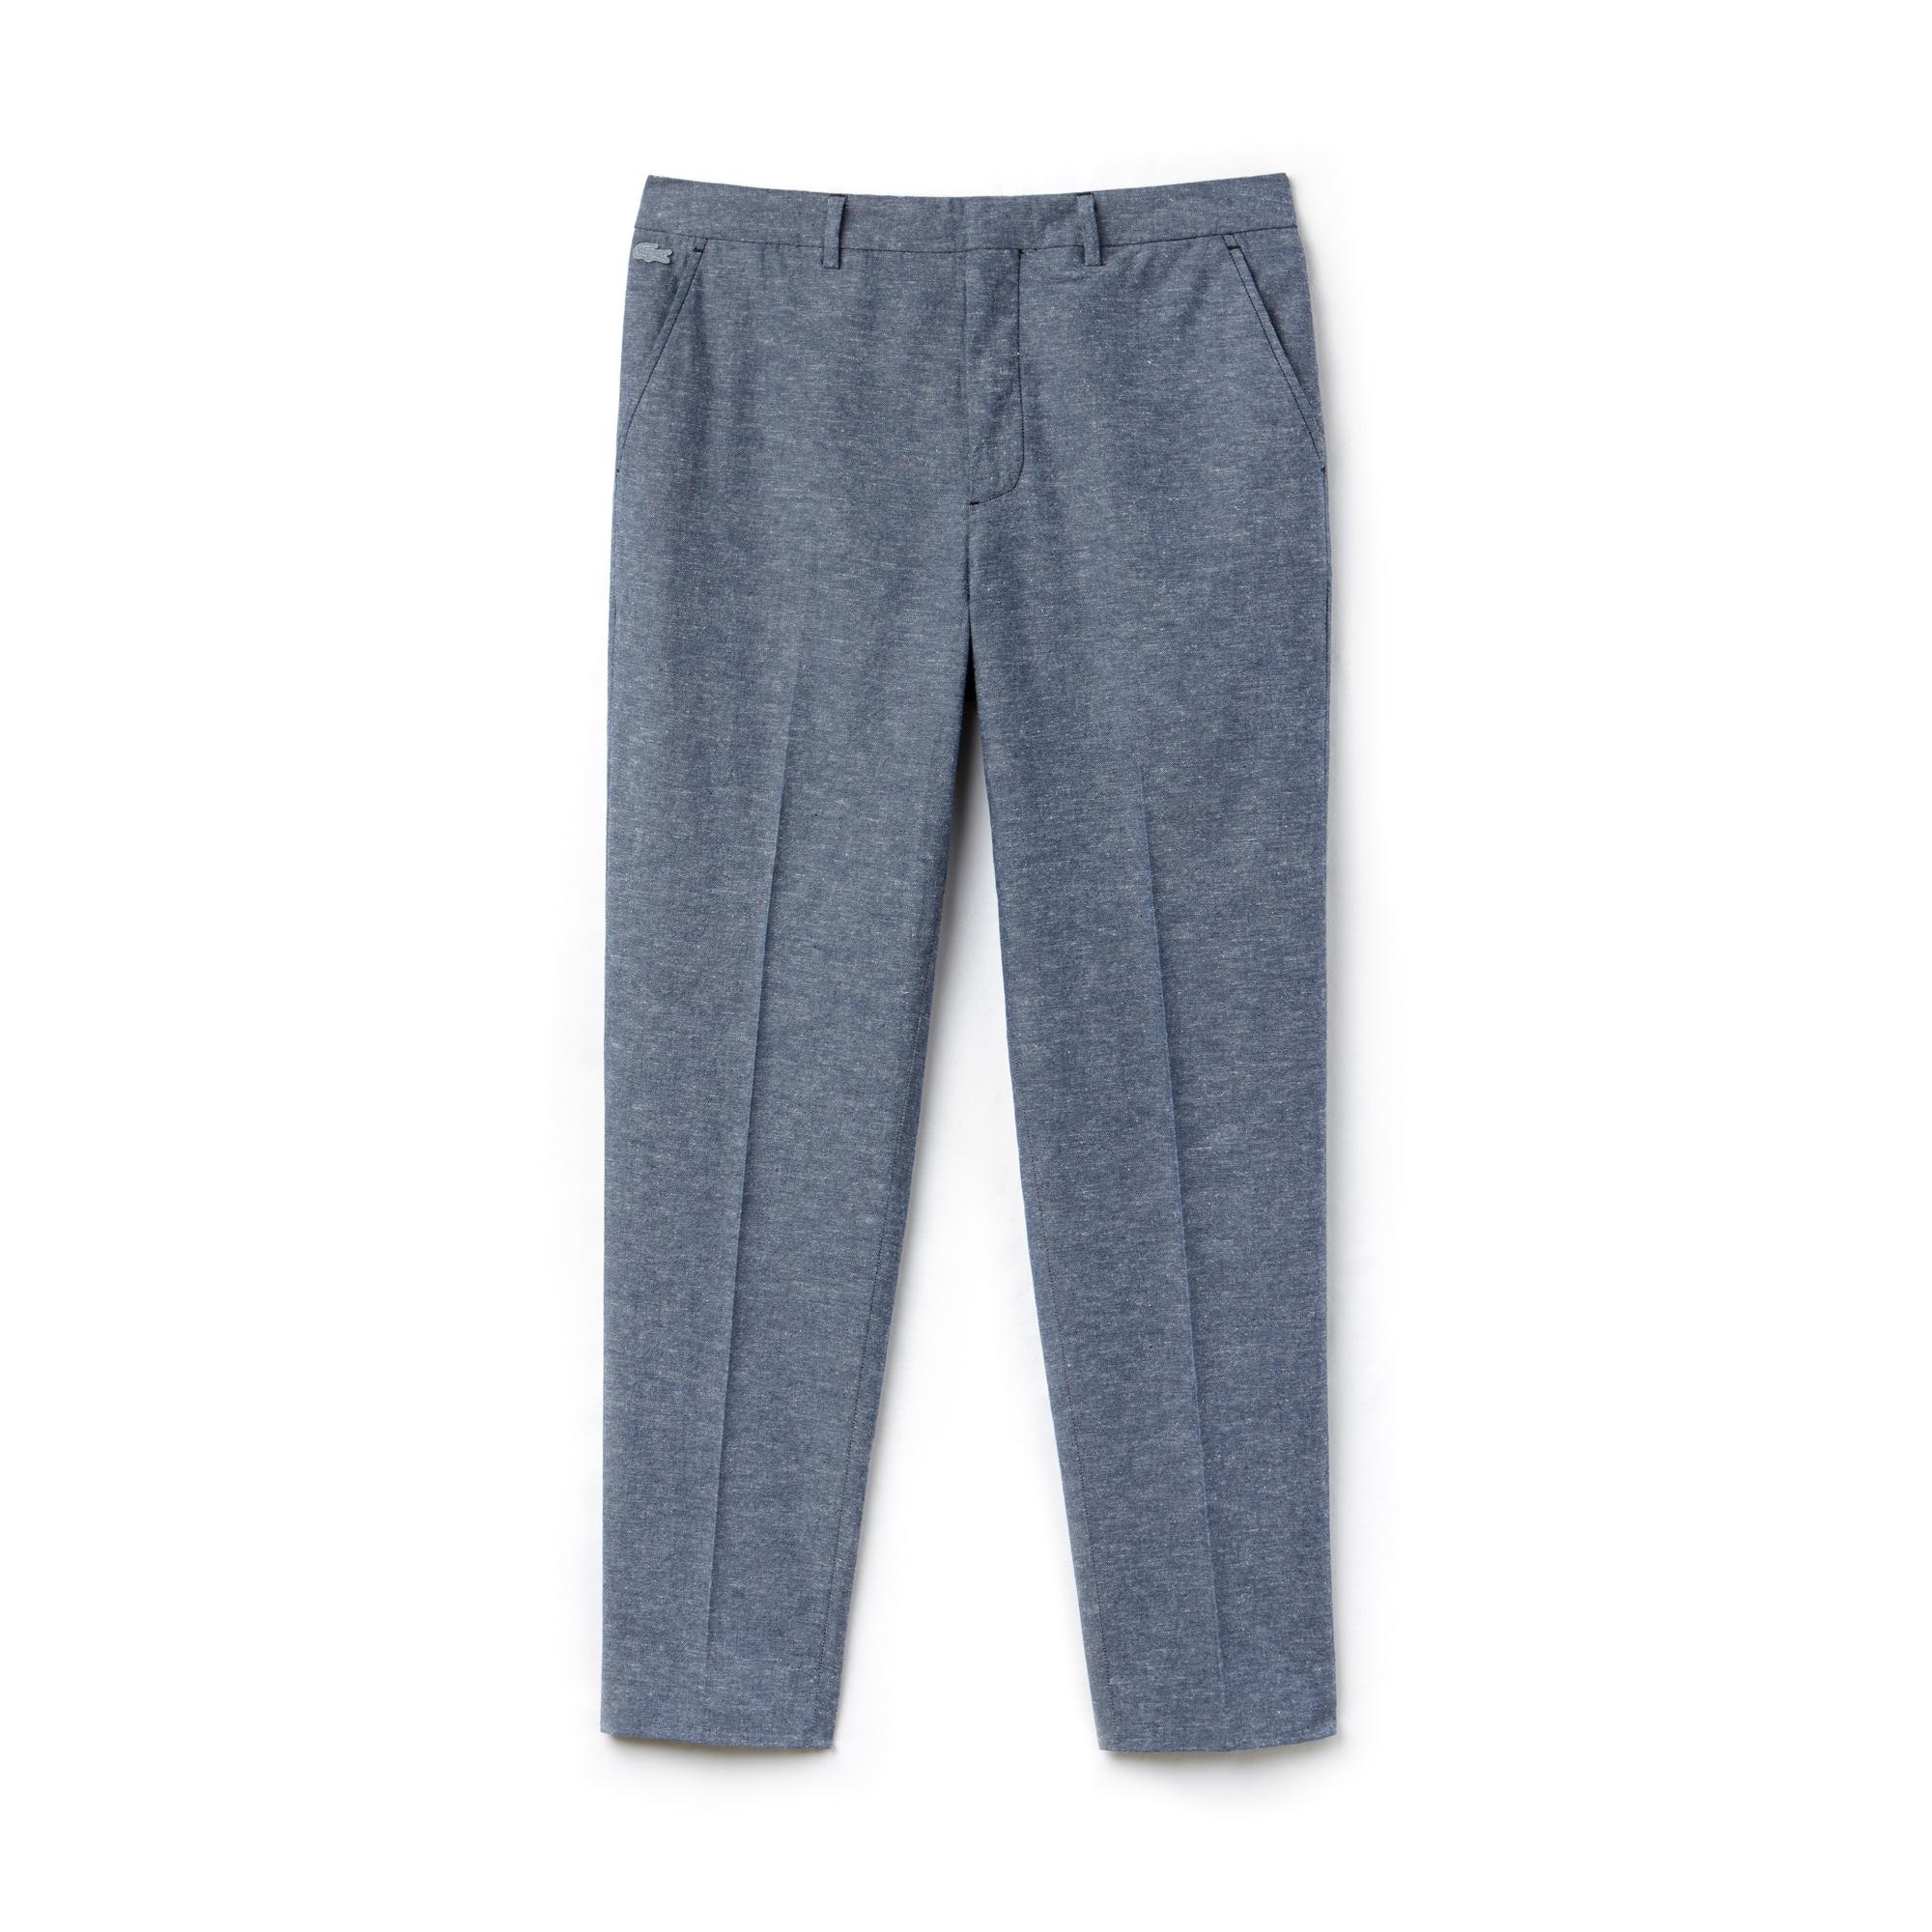 Pantalón chino con pinzas Lacoste LIVE de cambray liso